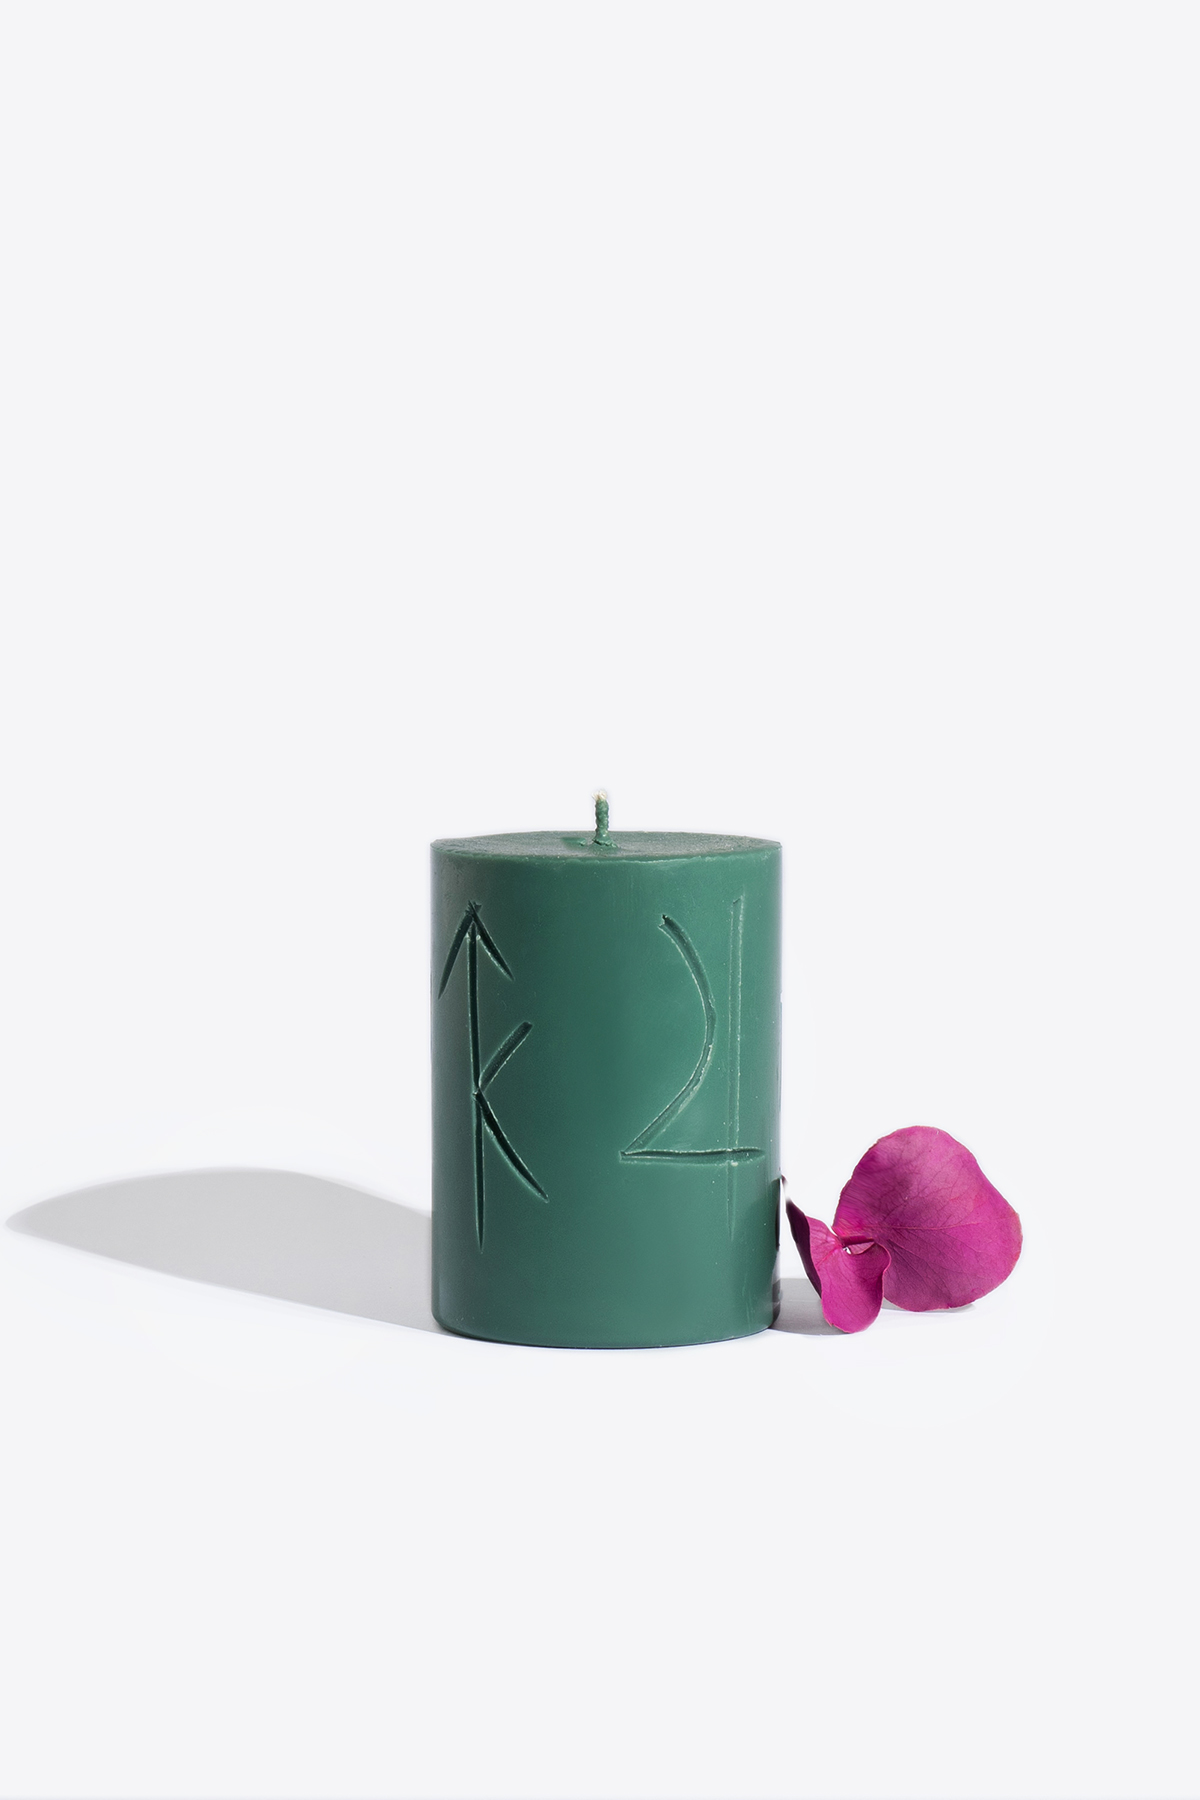 Metų žvakė 2022